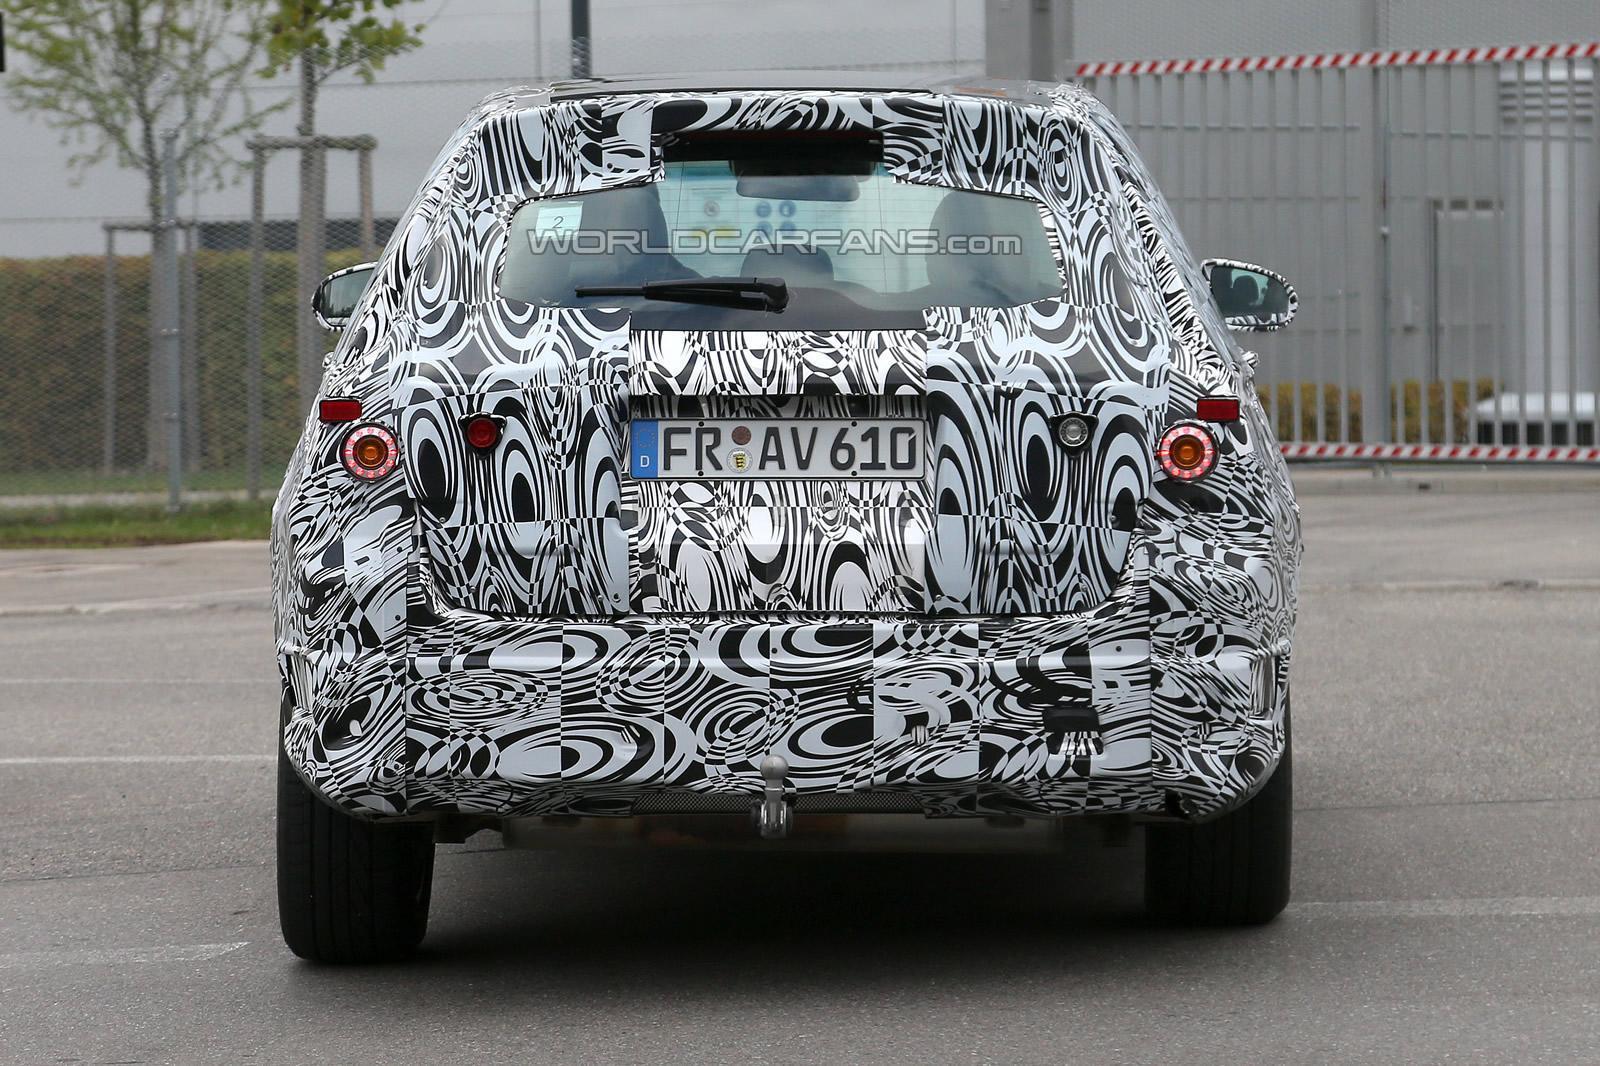 2015 Mercedes-Benz GLK Spied Testing